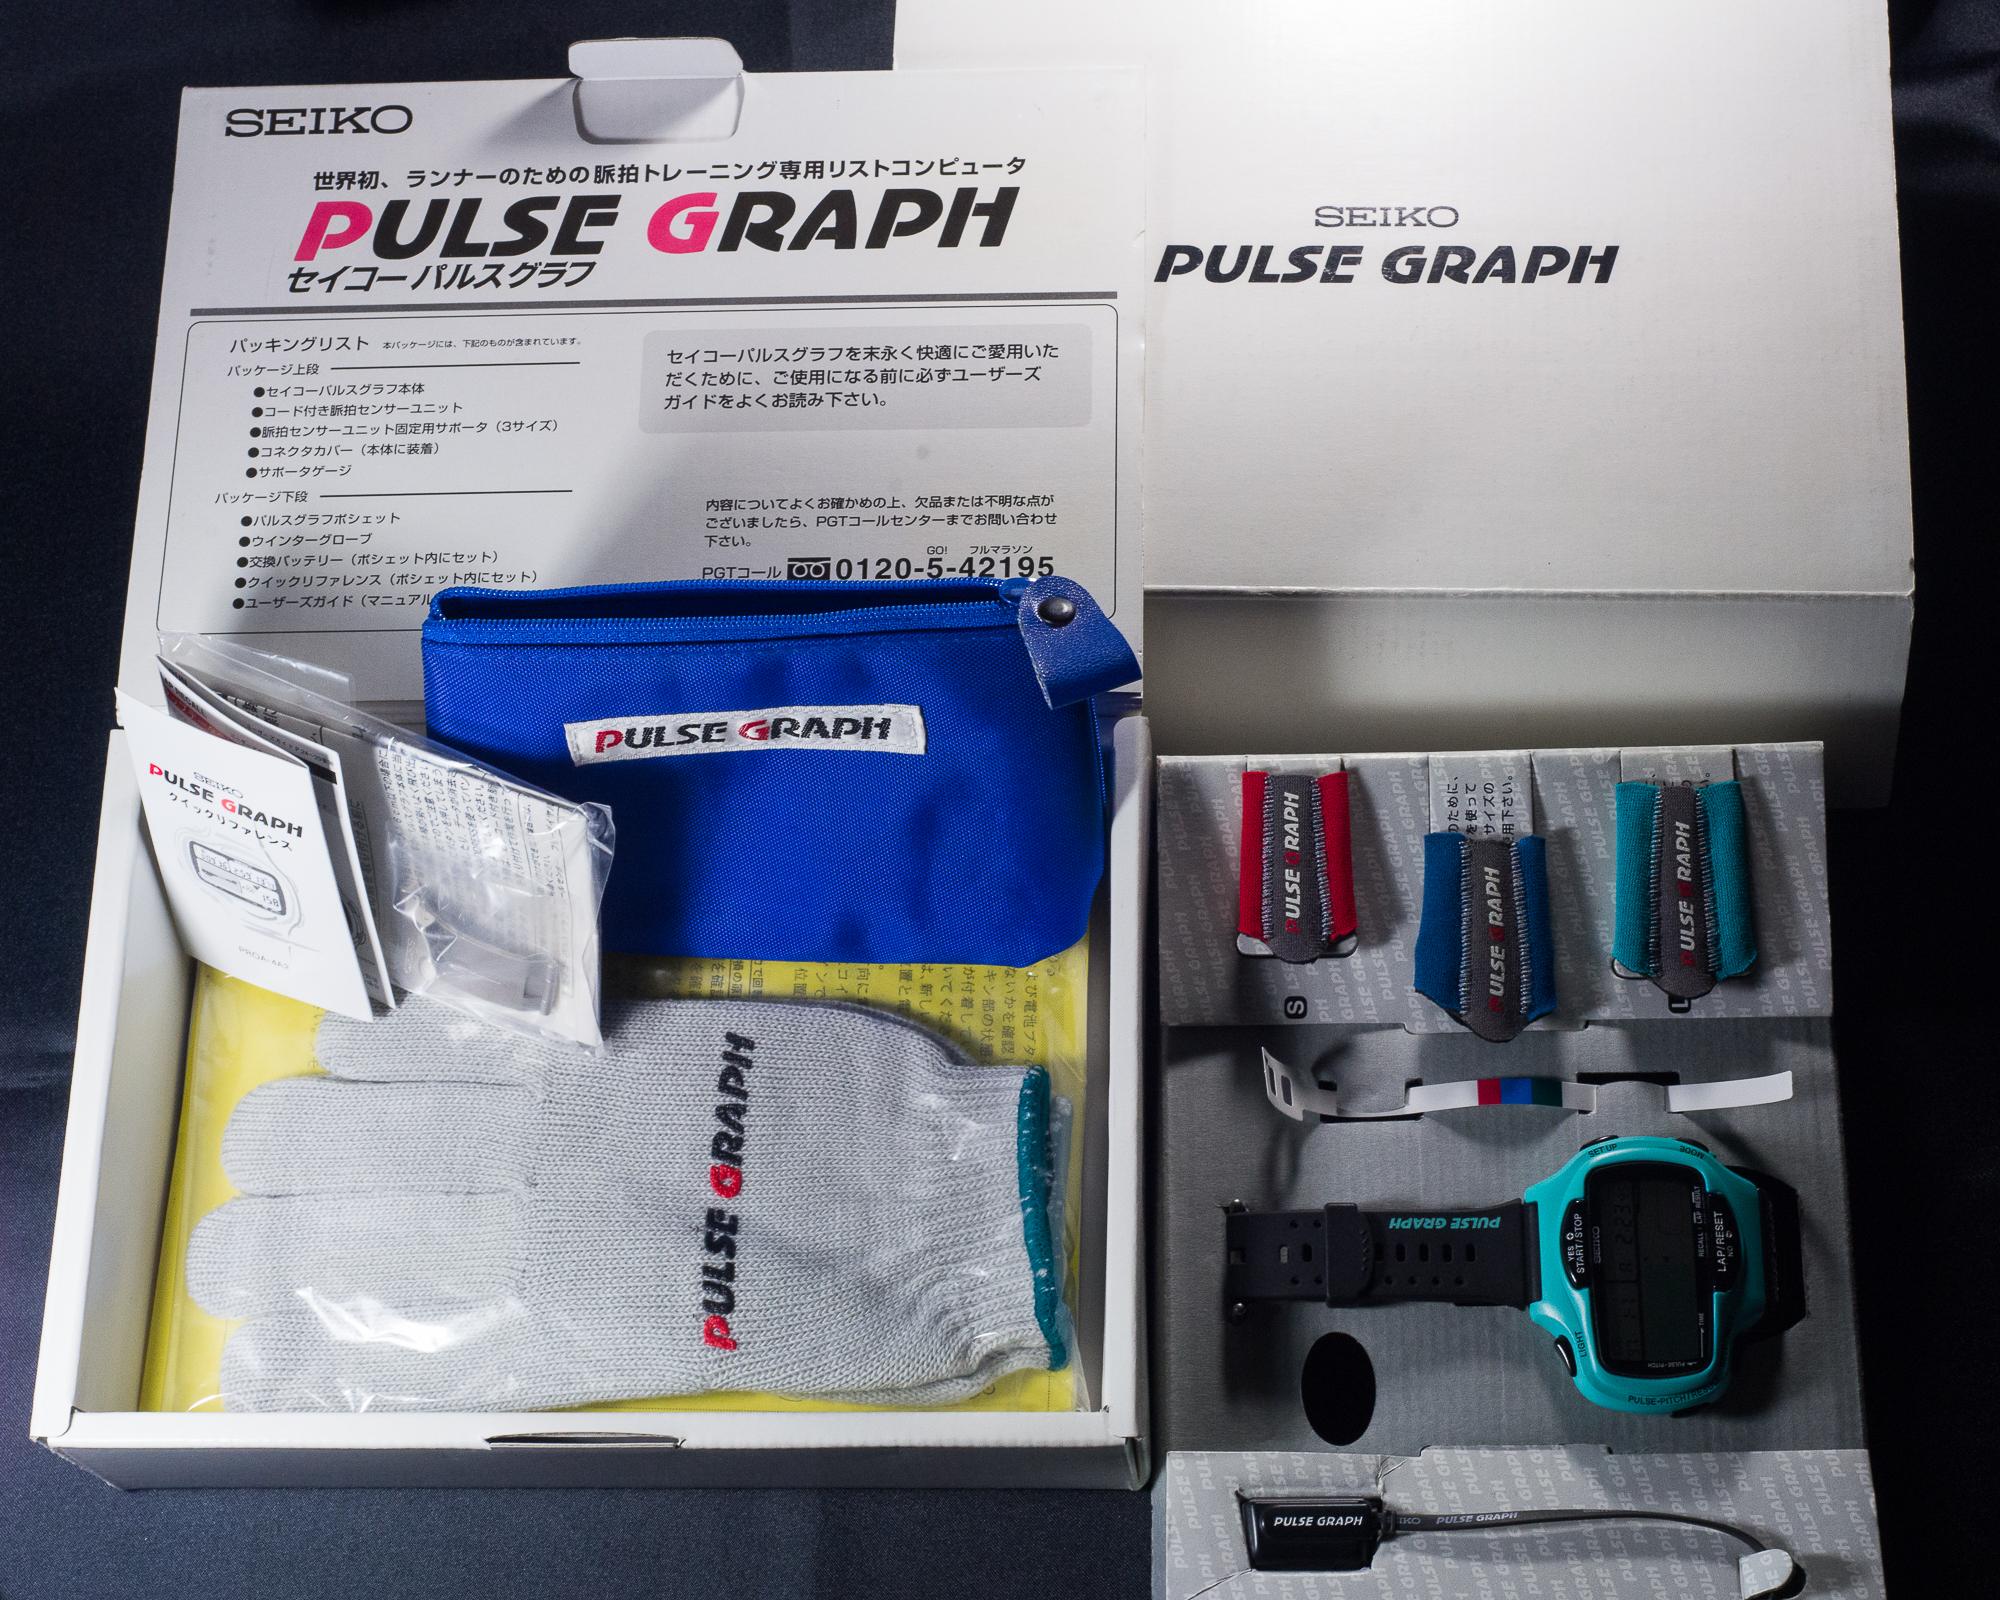 Pulsegraph PROA-4A20